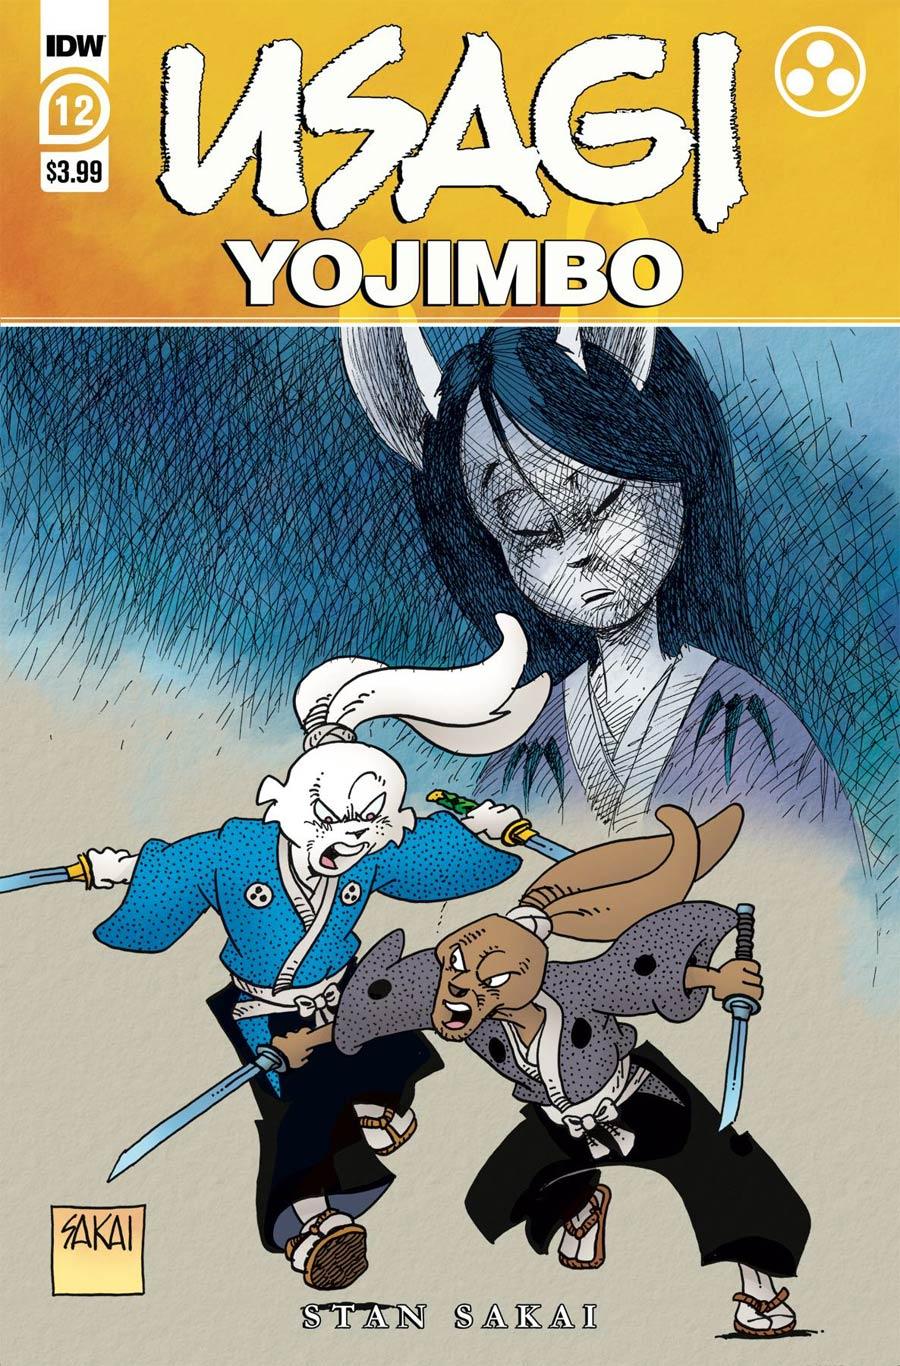 Usagi Yojimbo Vol 4 #12